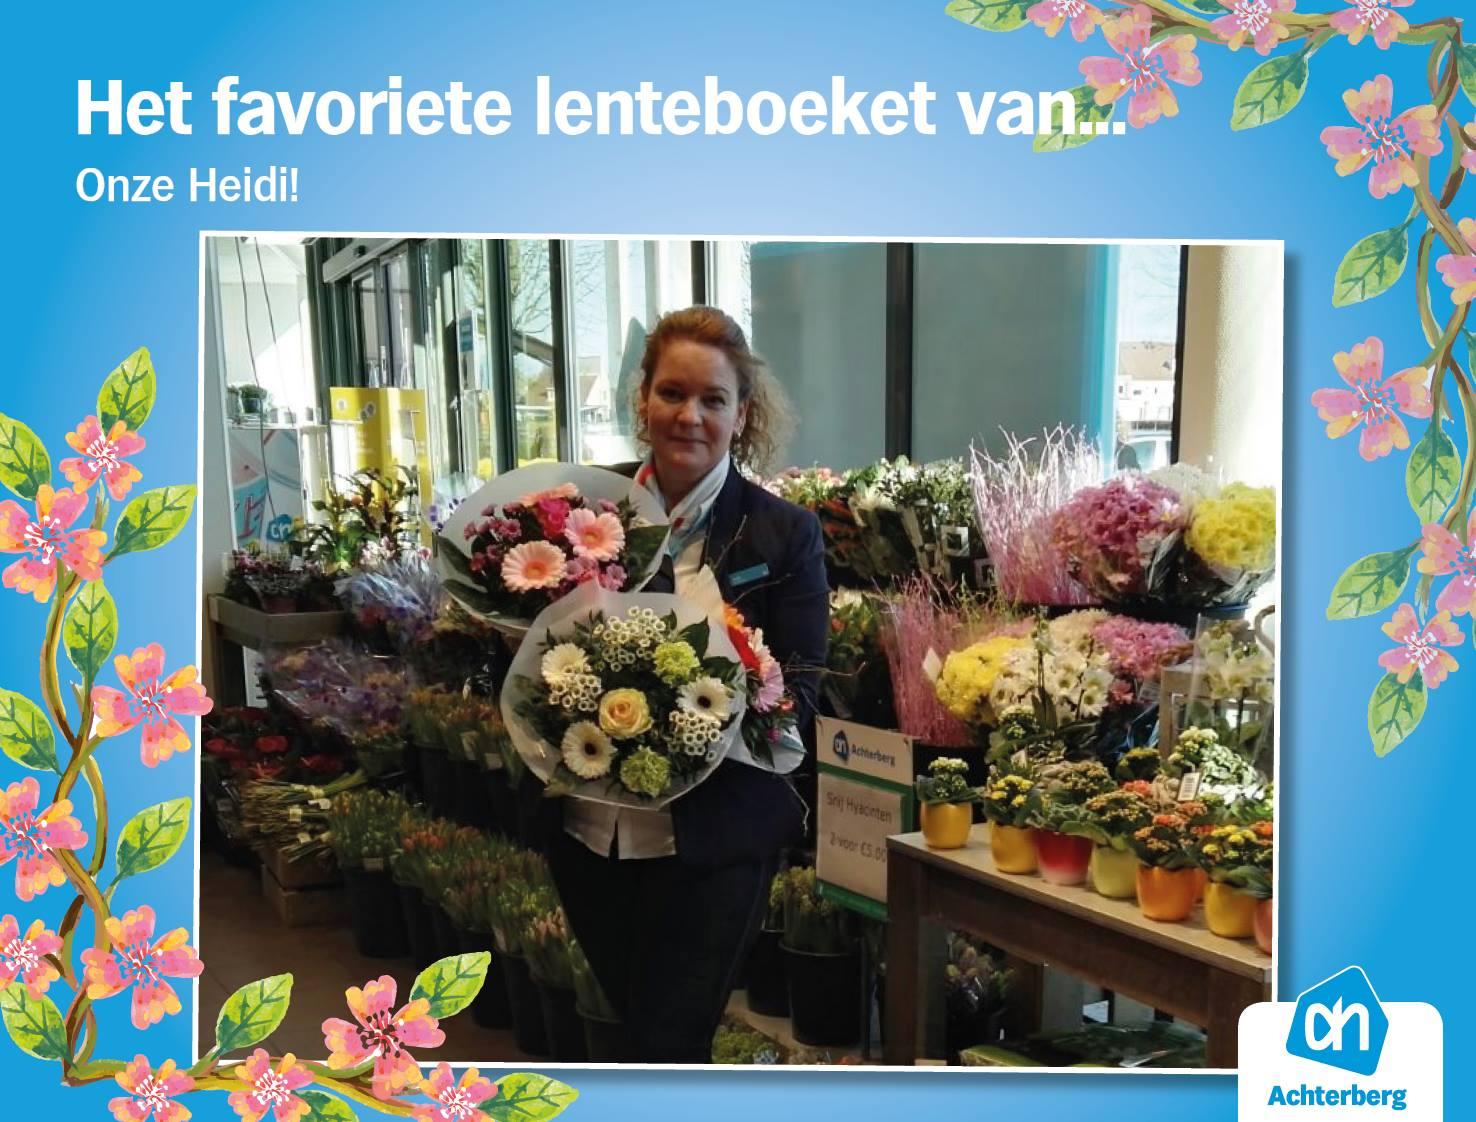 Het favoriete lenteboeket van Heidi!